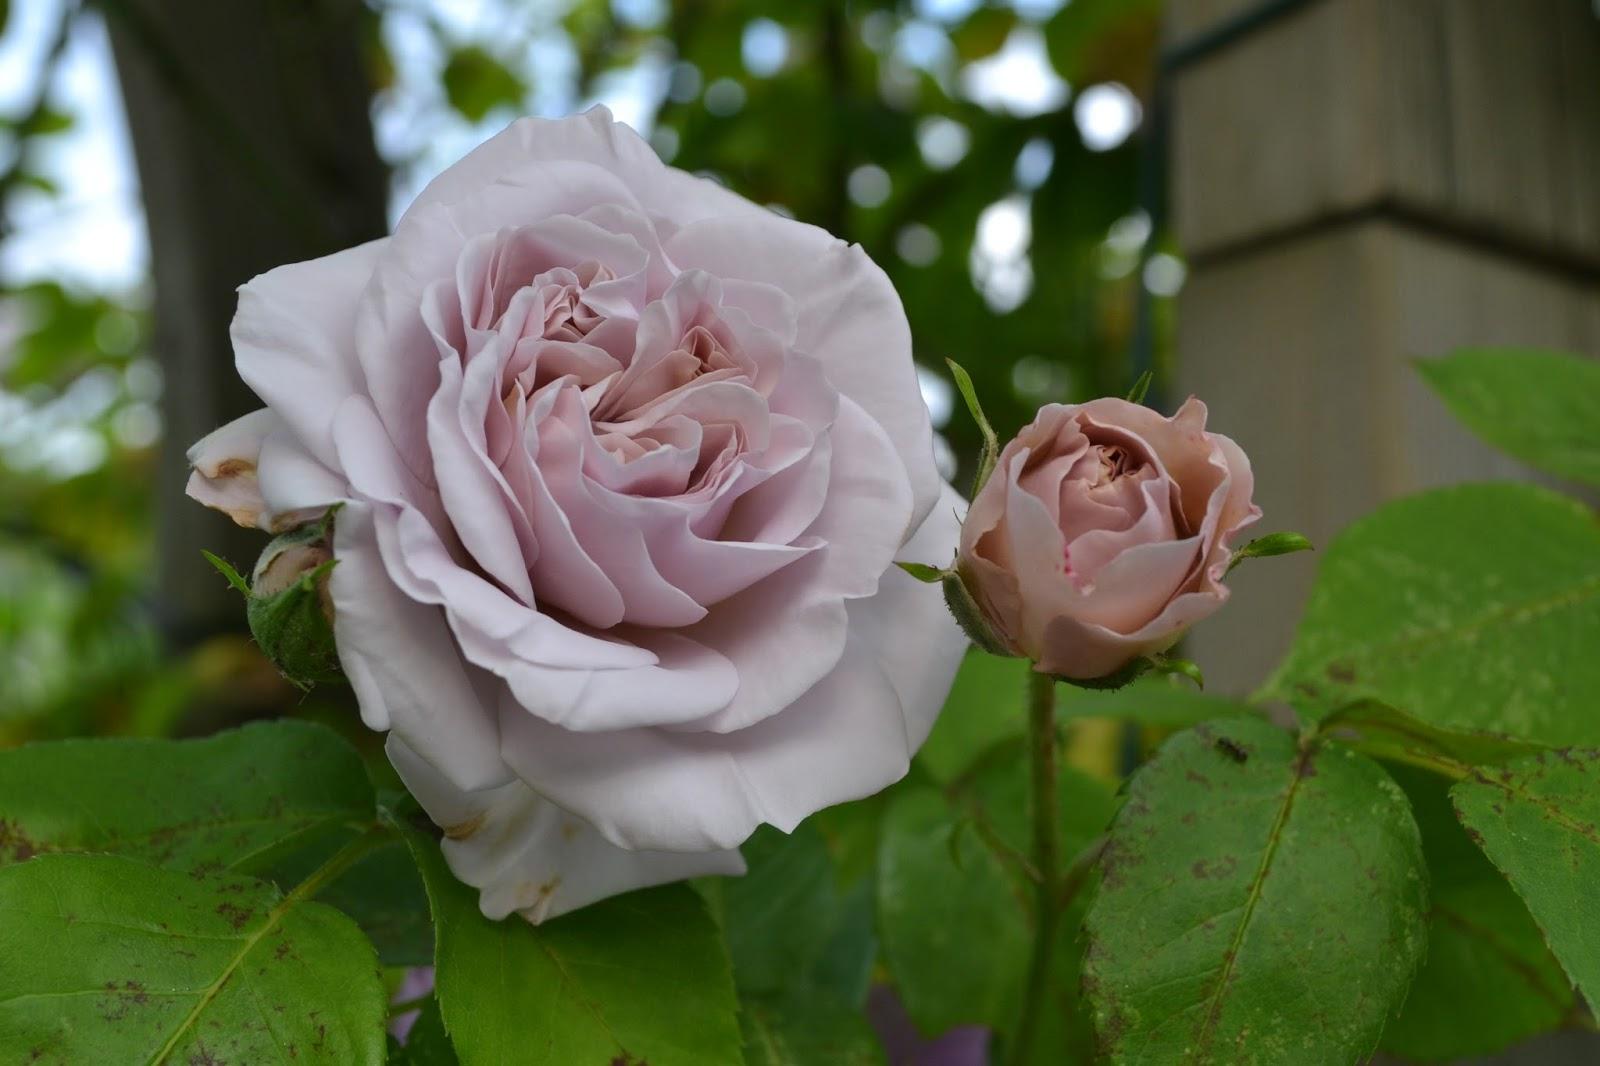 blaue braune rosen morbide rosen 2016 page 3 mein sch ner garten forum. Black Bedroom Furniture Sets. Home Design Ideas